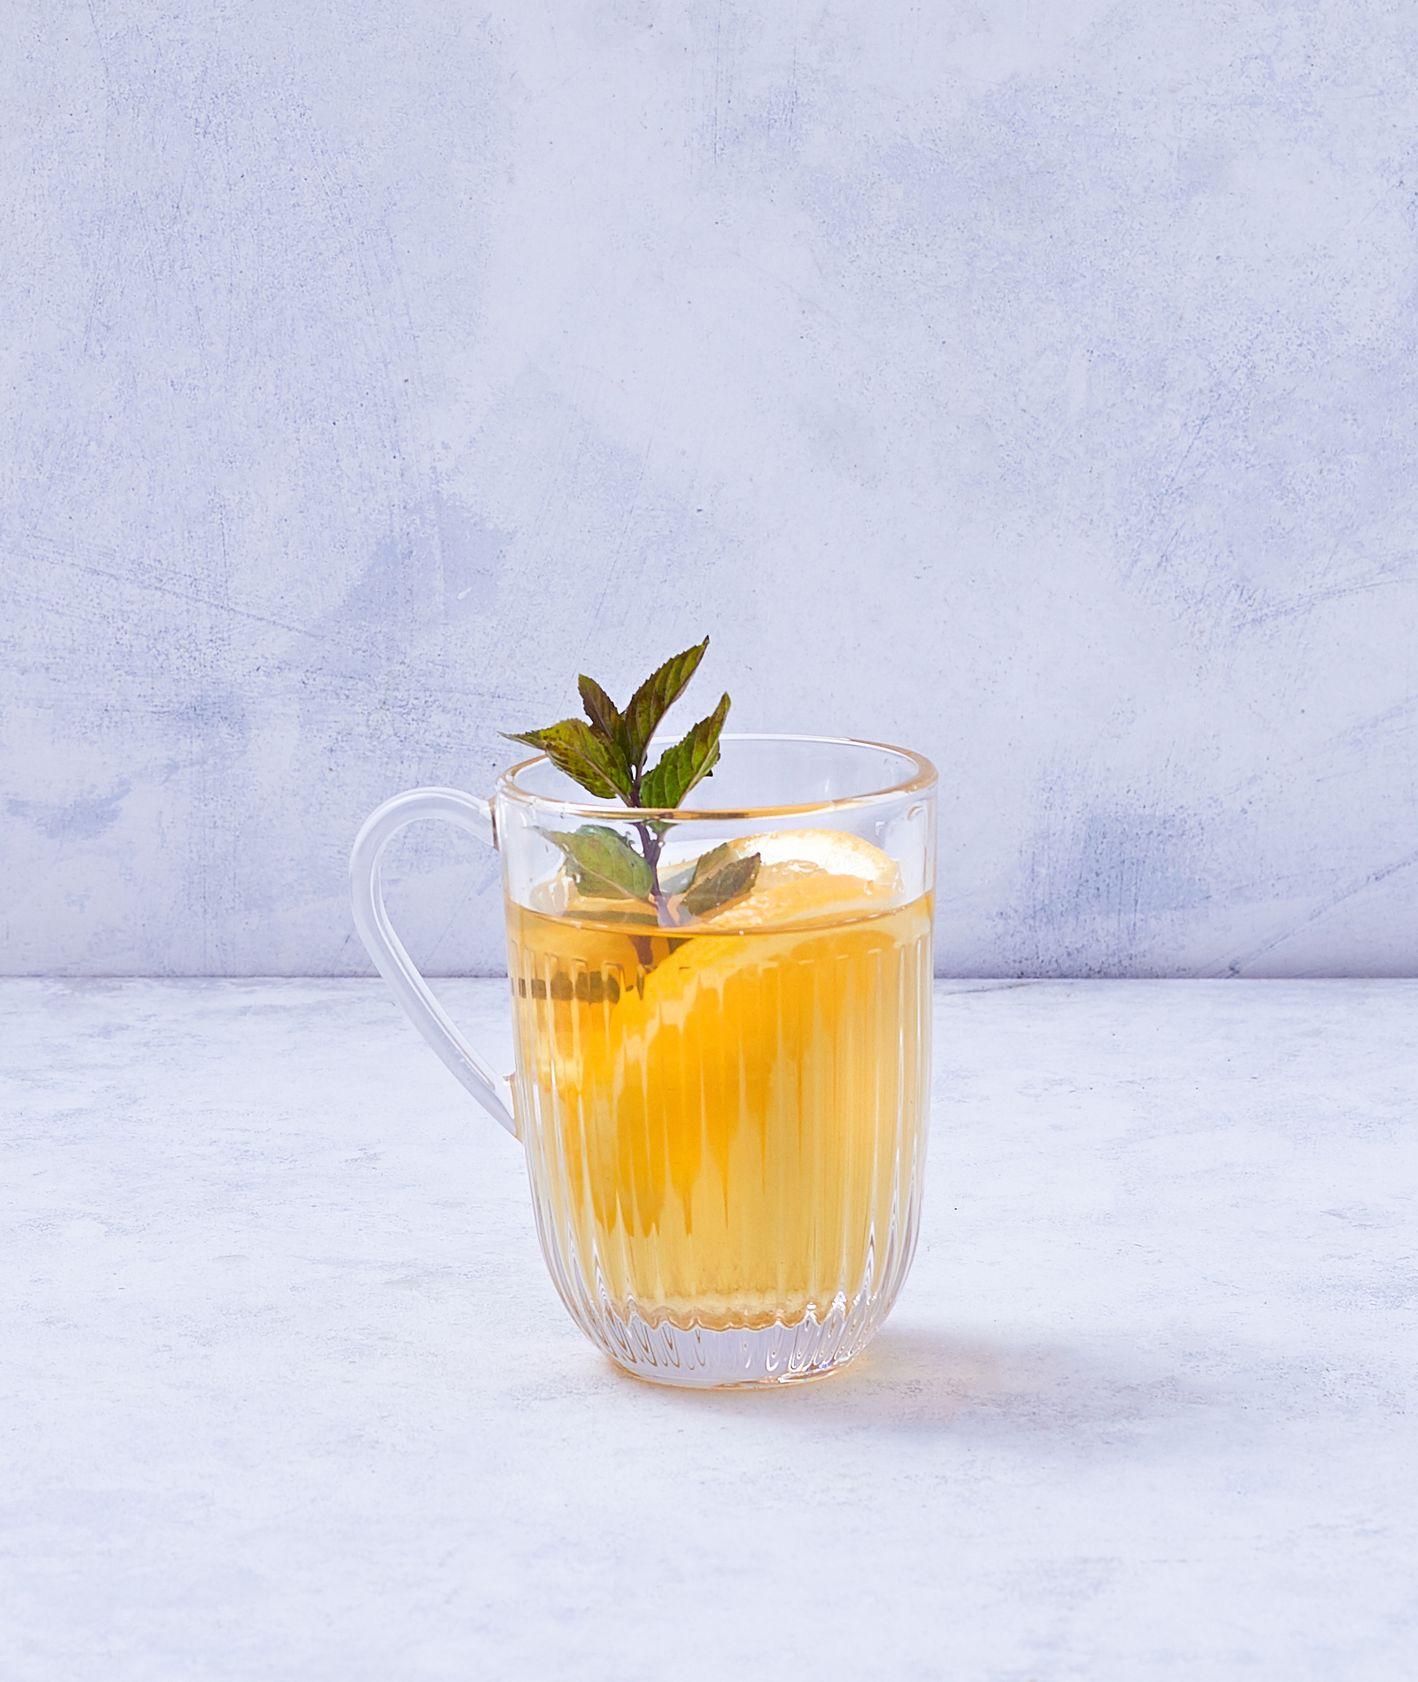 Napar na bazie zielonej herbaty z dodatkiem mięty i pomarańczy (fot. Marcin Lewandowski)